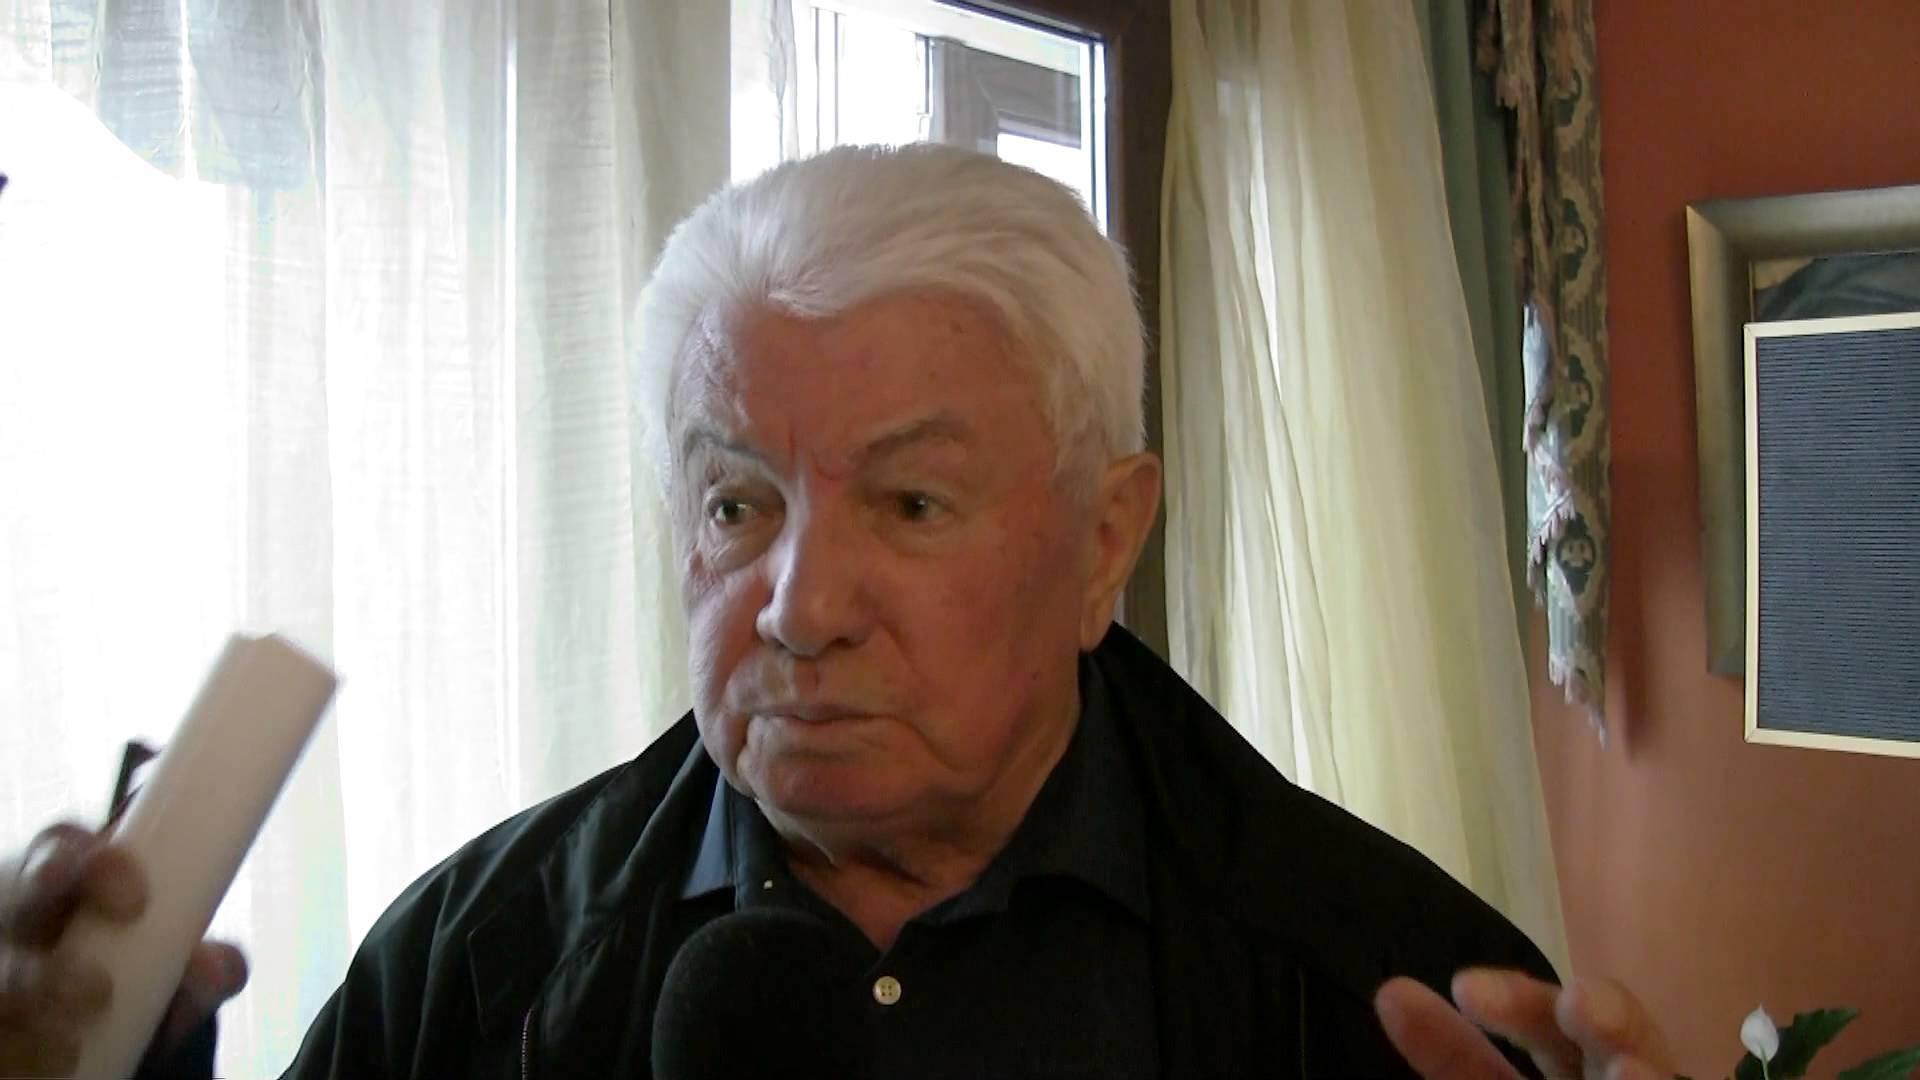 Владимир Войнович NWNrHyUQz8w